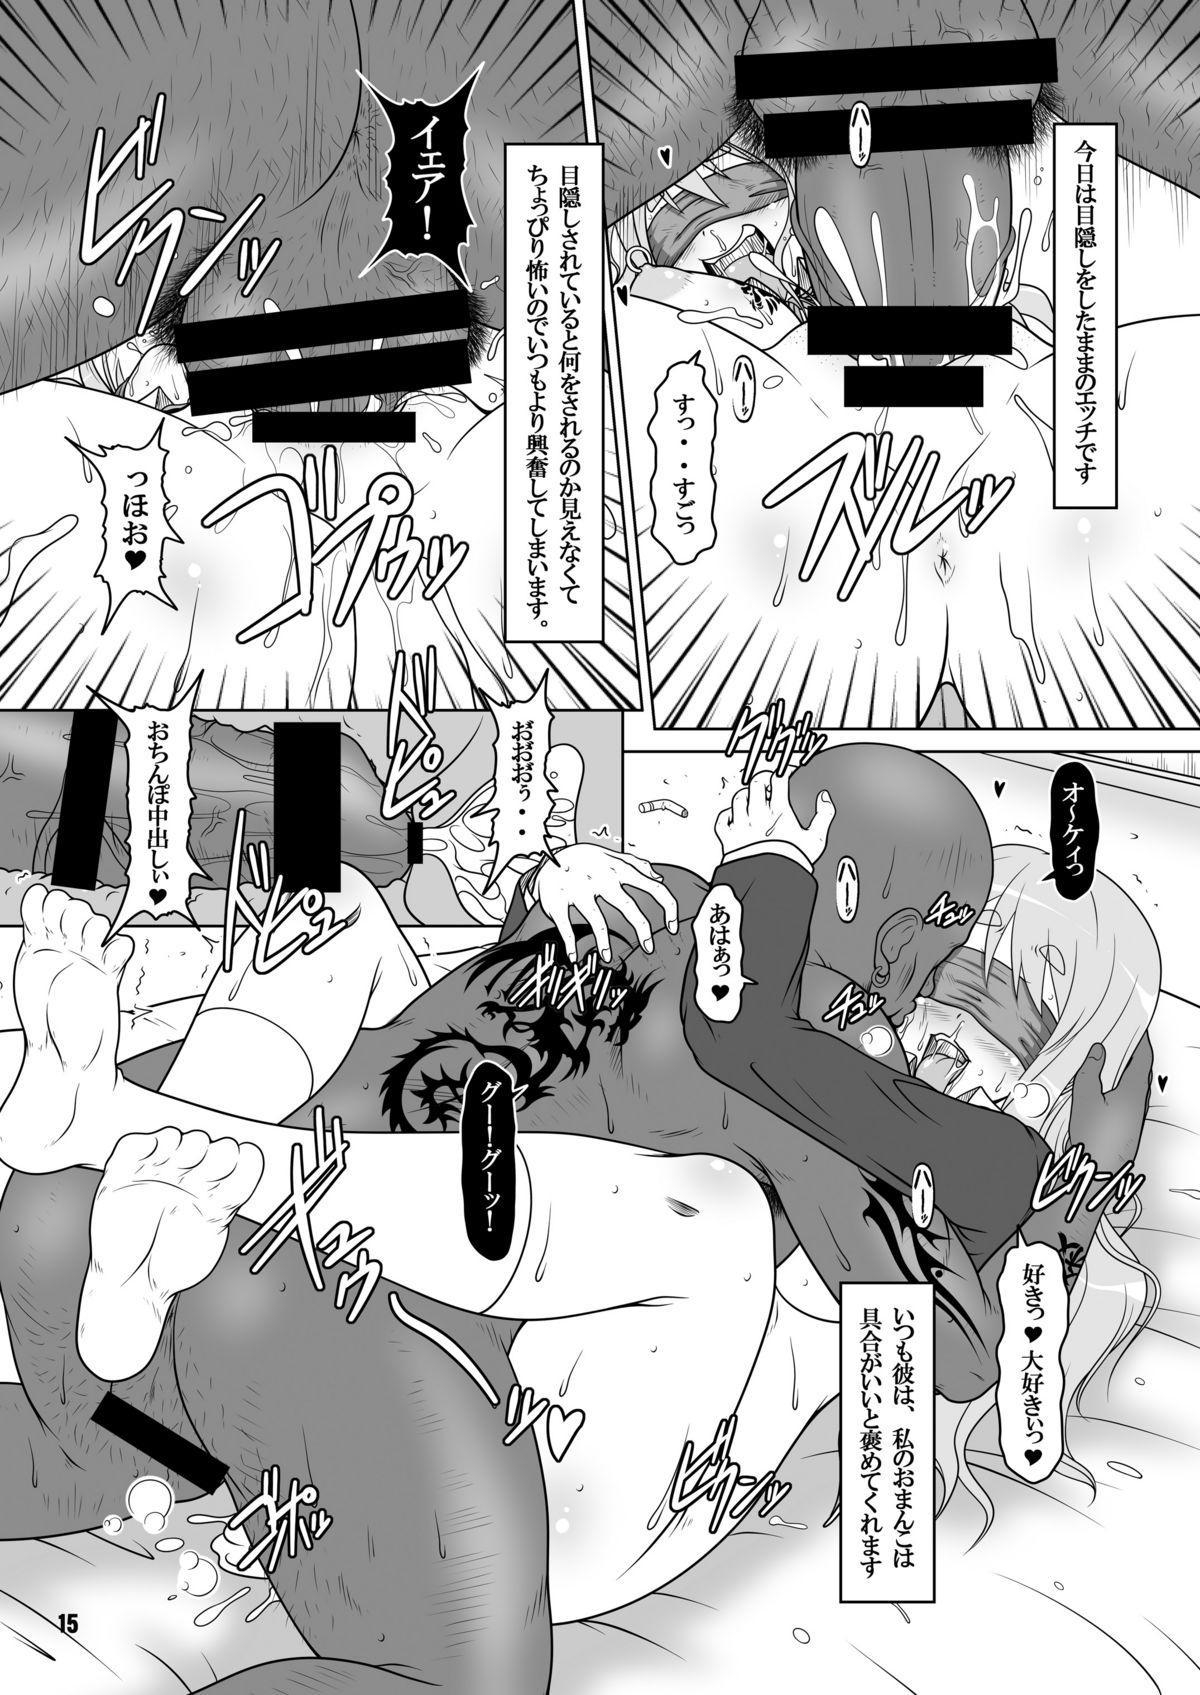 Kuroiro Jikan - Black Time 13